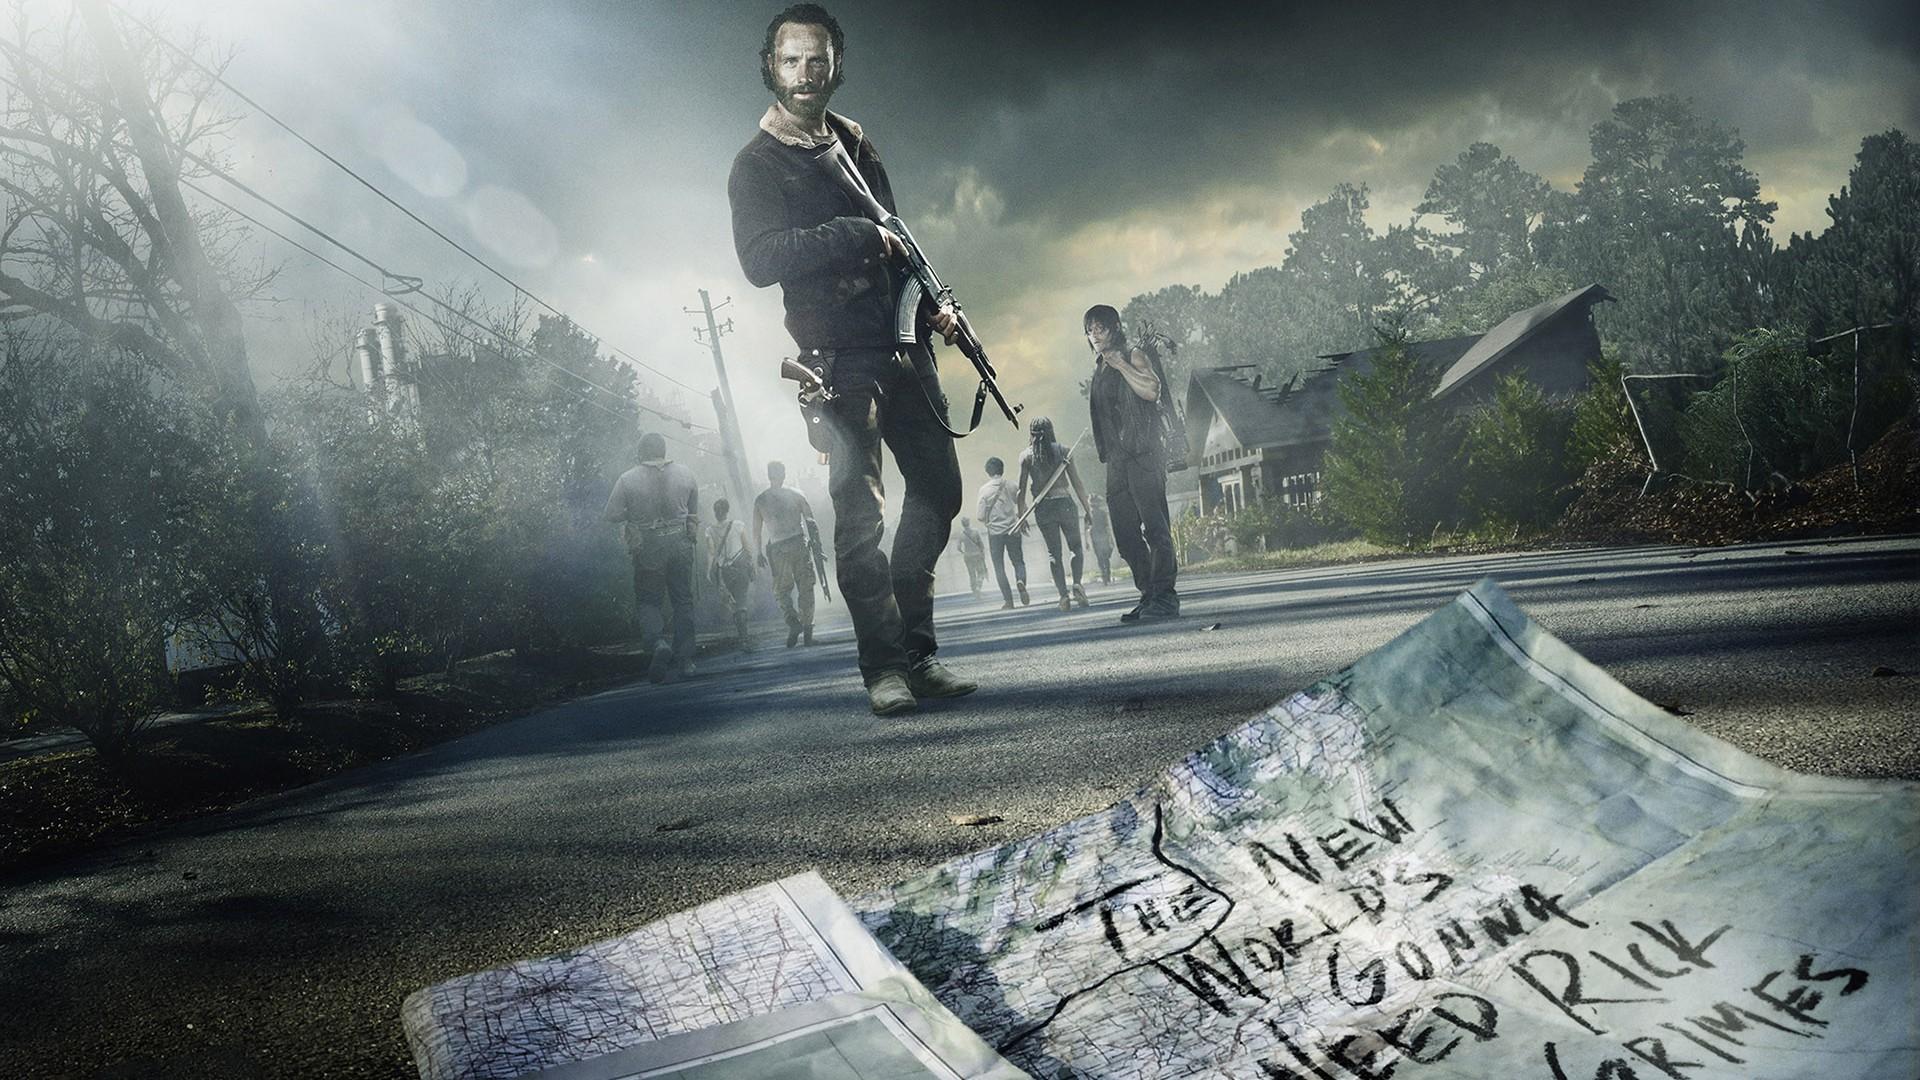 1920x1080 The Walking Dead Season 5 HD Wallpaper Stylish